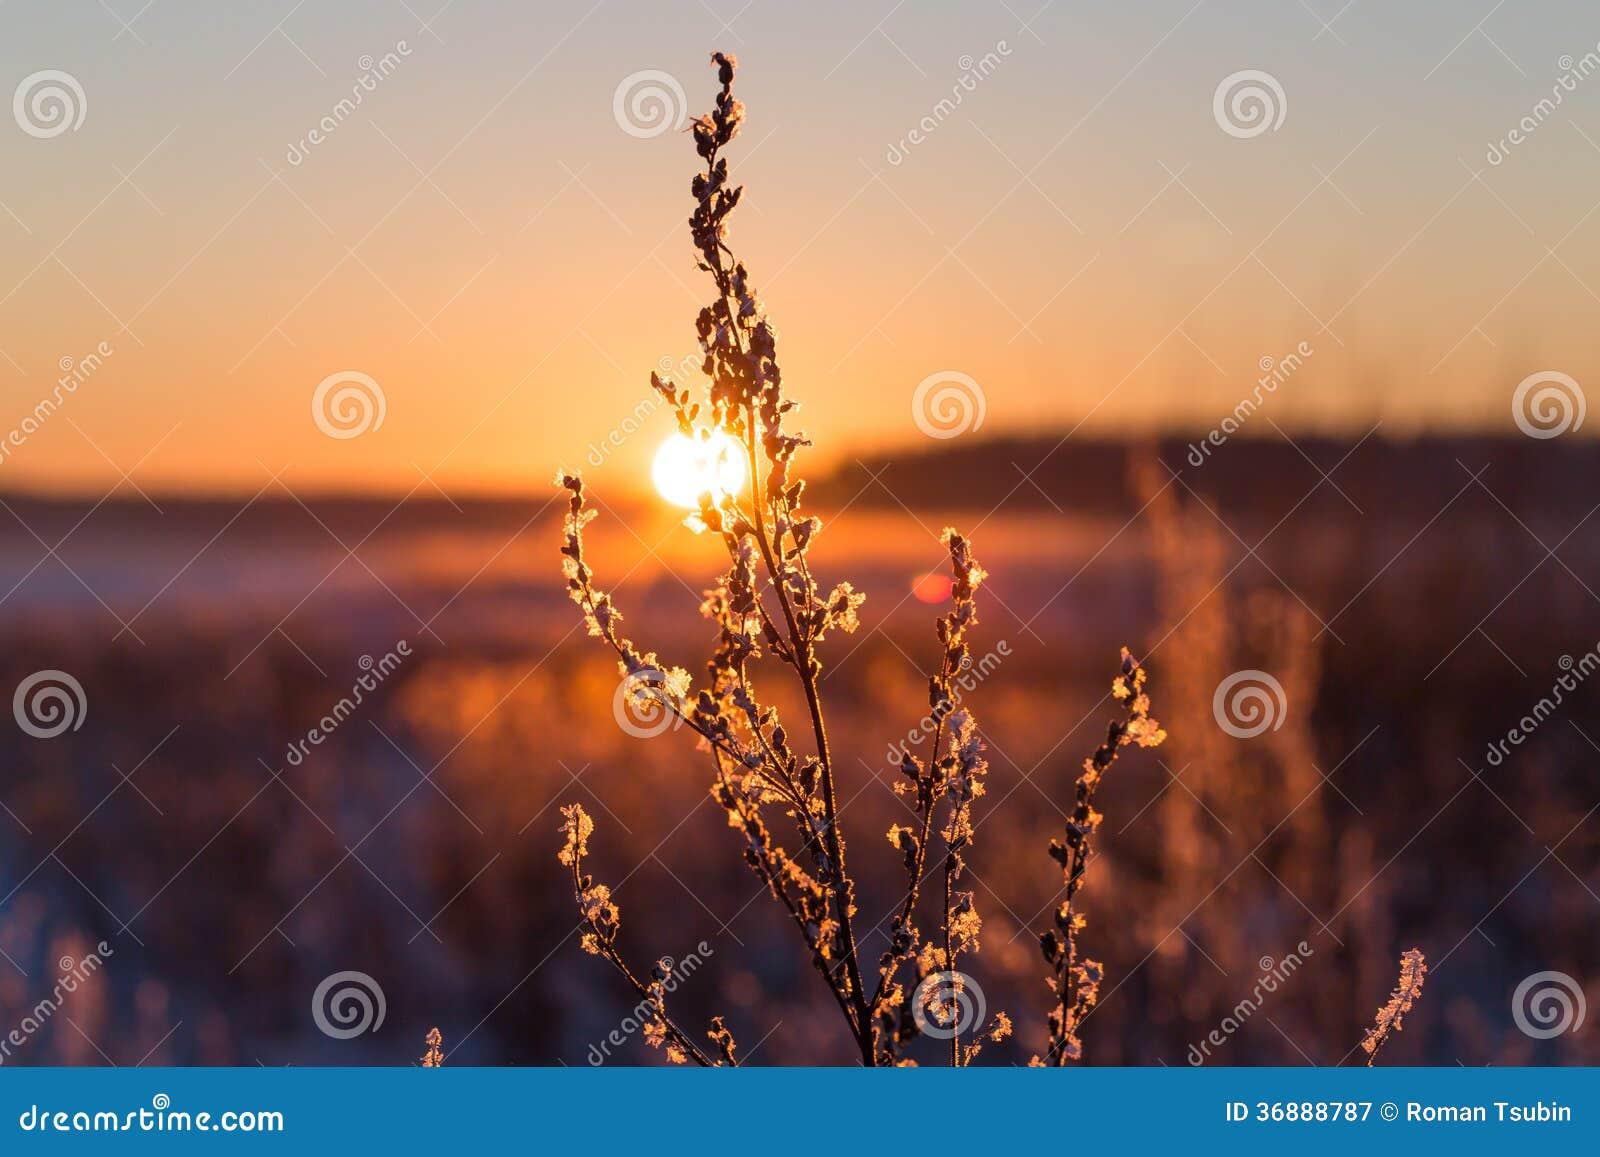 Download Erba Gelida Al Tramonto Di Inverno Immagine Stock - Immagine di bello, gelido: 36888787